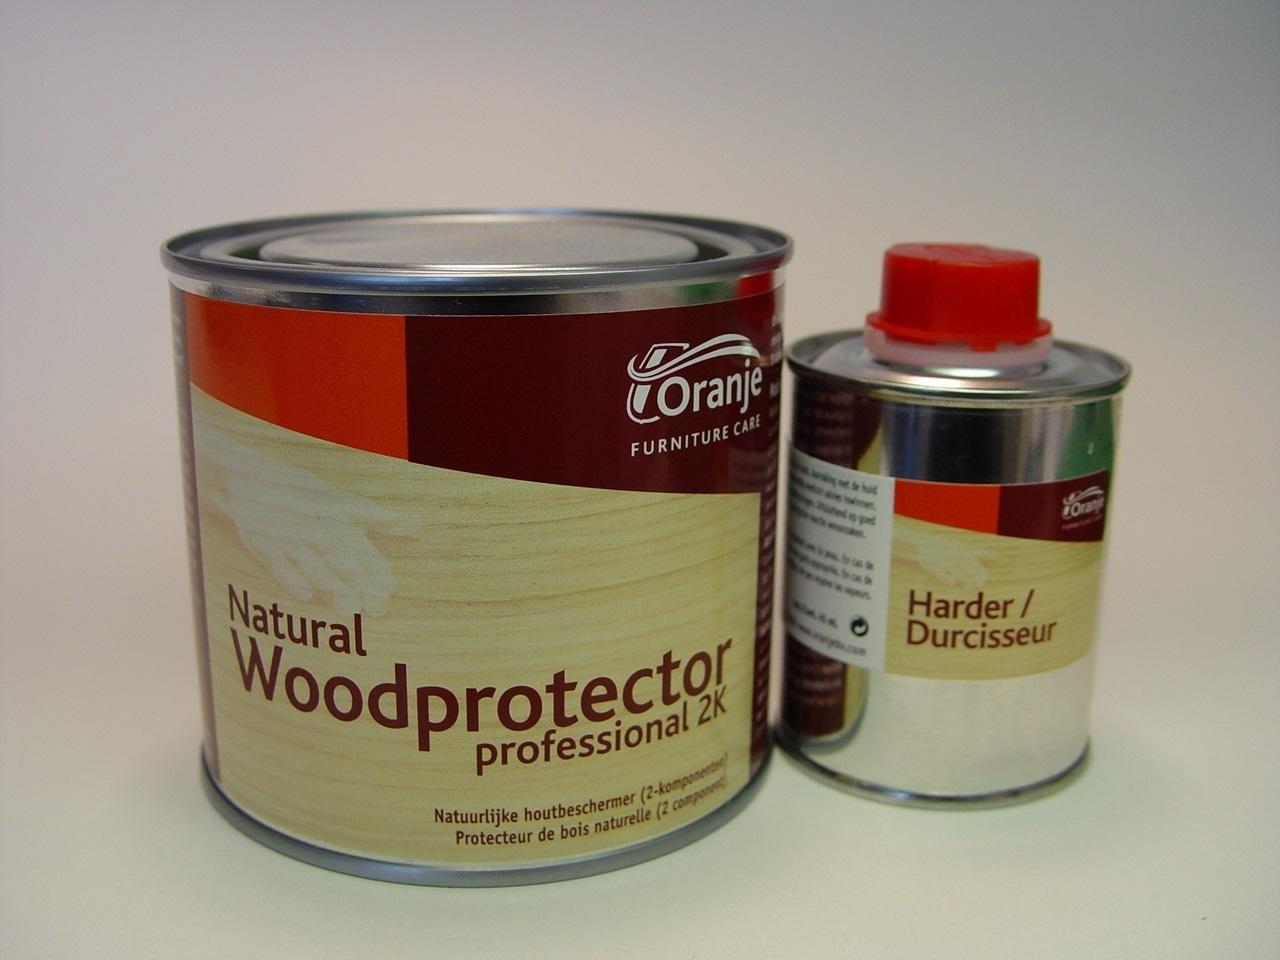 Natural Woodprotector - houtbeschermer